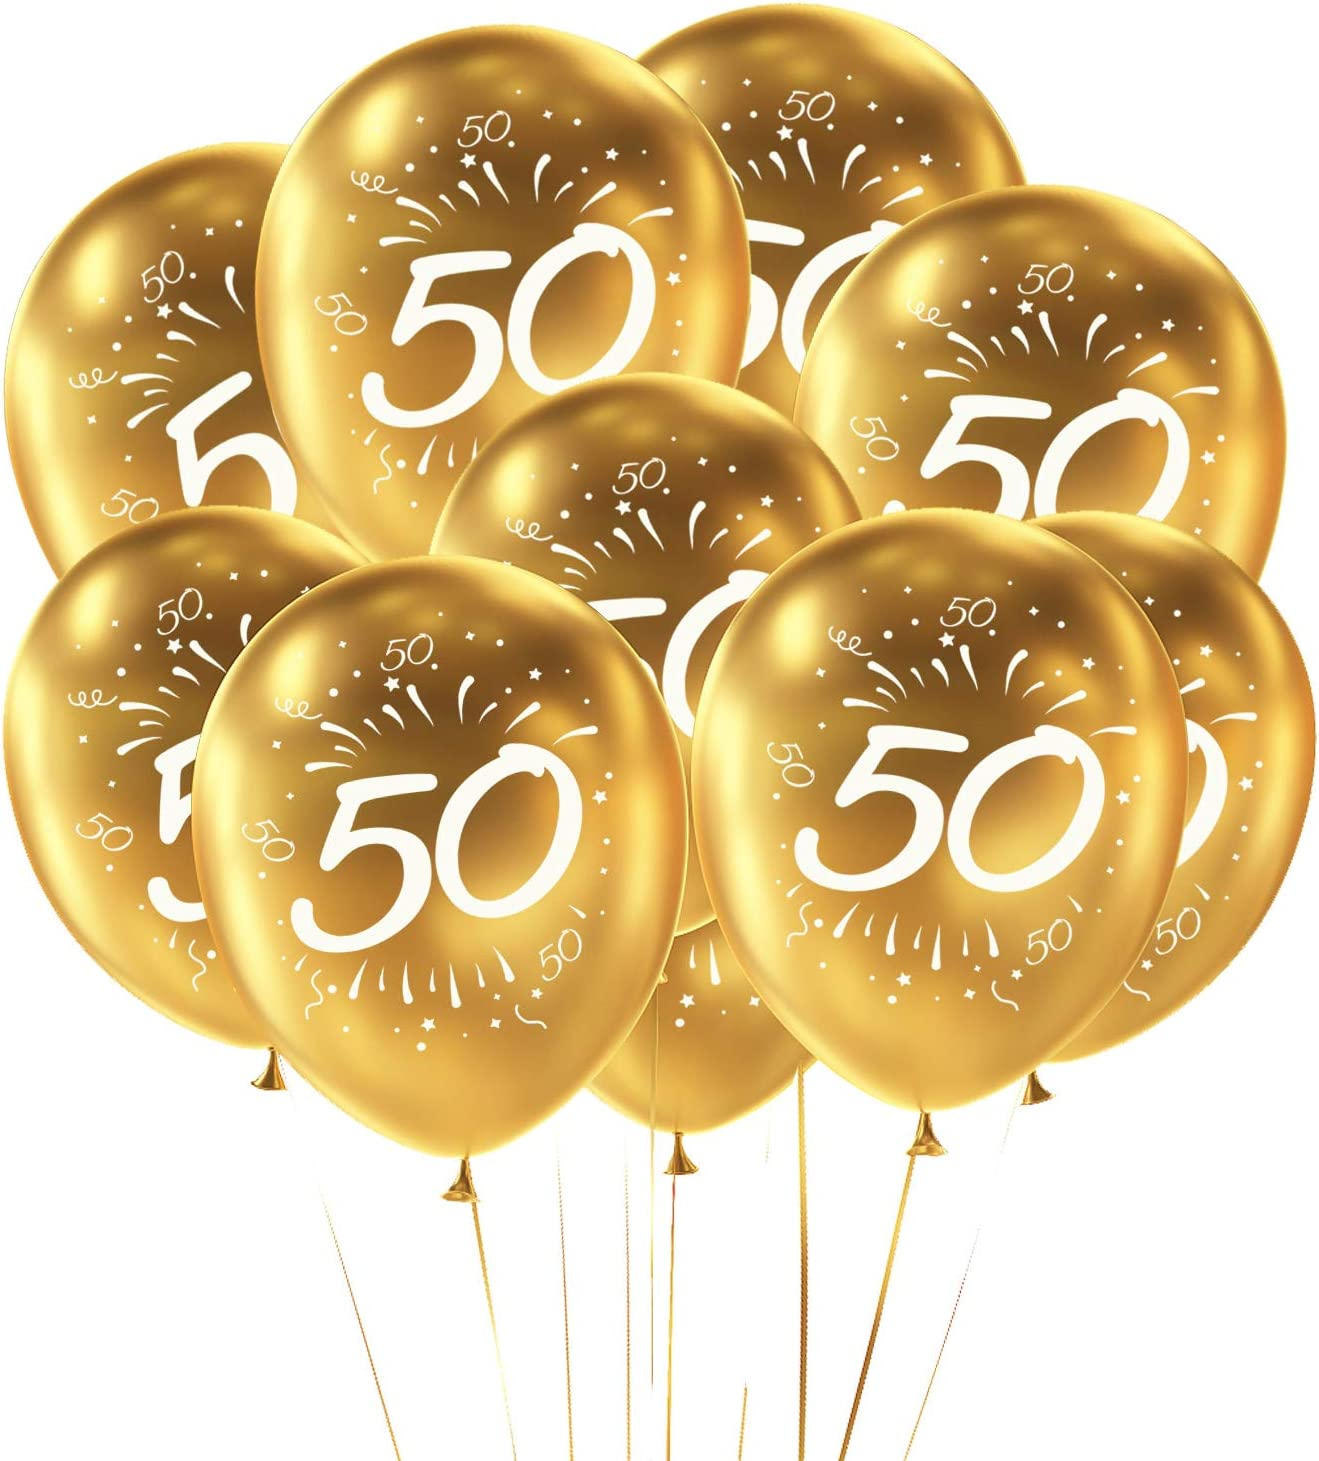 3x Weißer Schwan-Aluminiumfilm-Ballon Für Hochzeits-Geburtstagsfeier